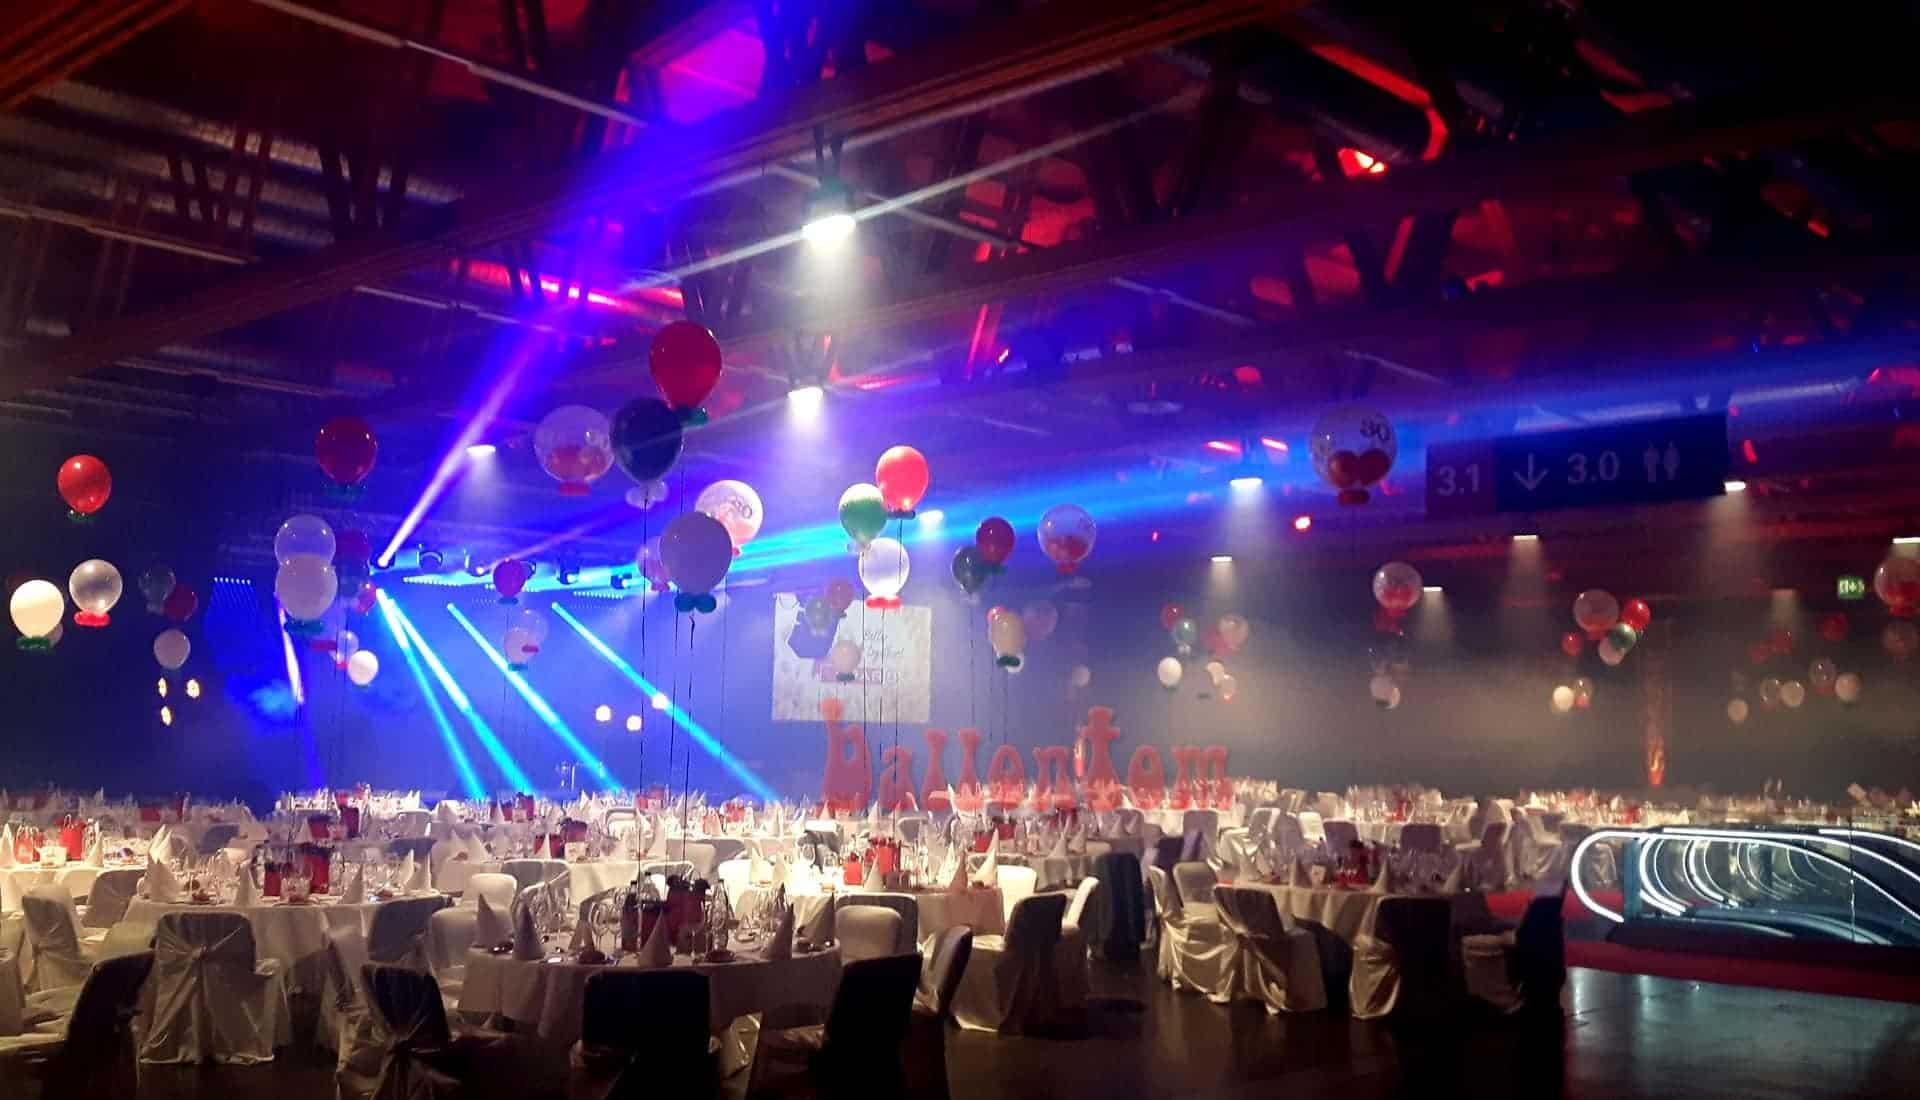 Ballondekoration zur Abendveranstaltung